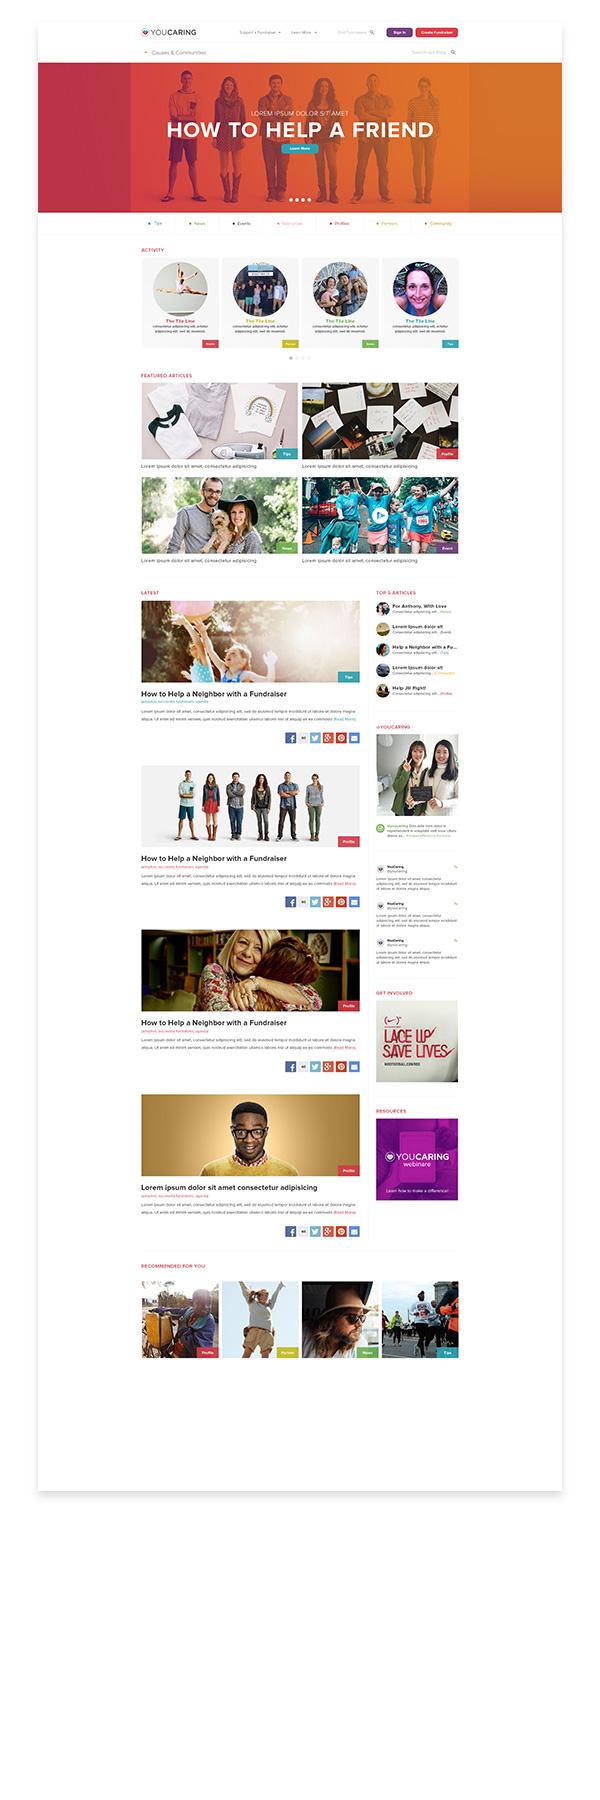 youcaring-marketing-website-1.jpg